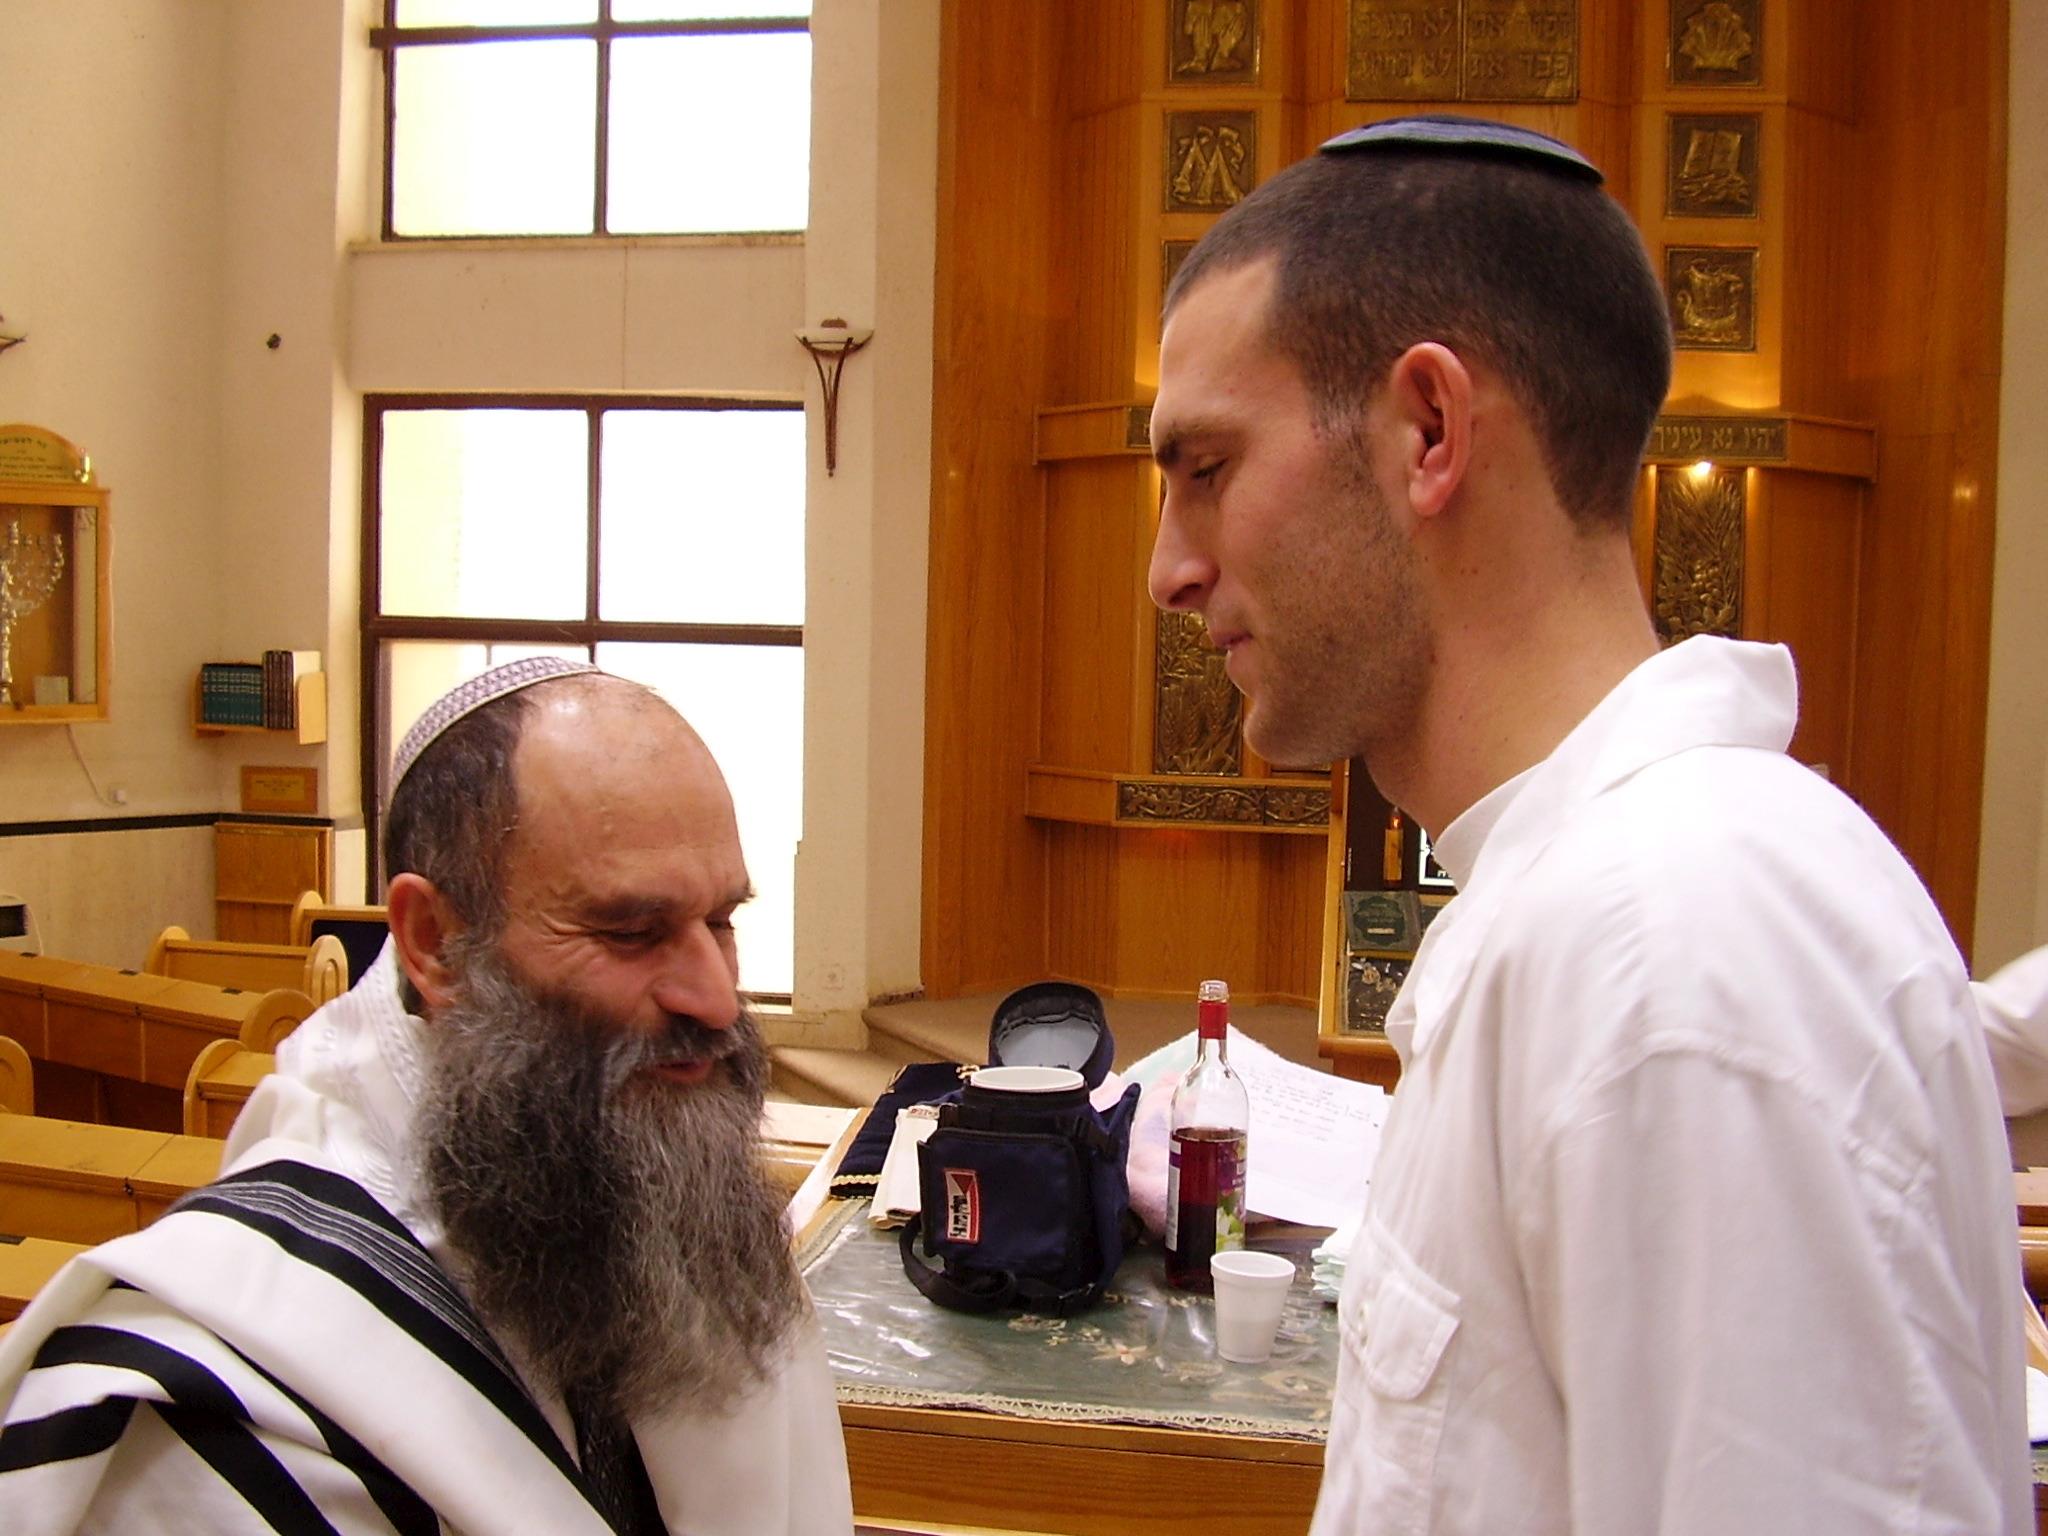 שלמה מקבל ברכה מאבא הסנדק בברית של נועם